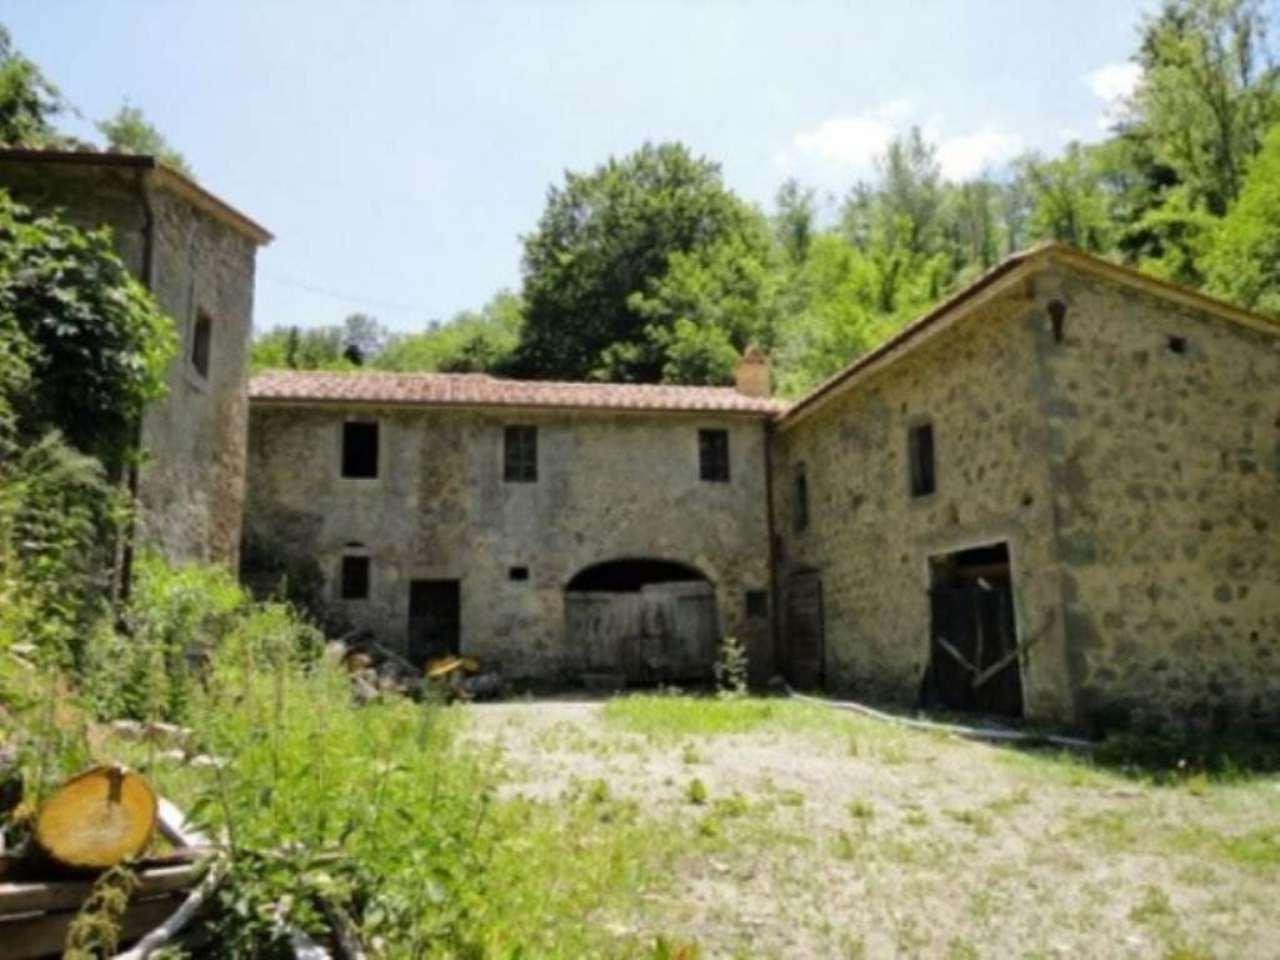 Rustico / Casale in vendita a Castiglione d'Orcia, 6 locali, prezzo € 299.000 | Cambio Casa.it